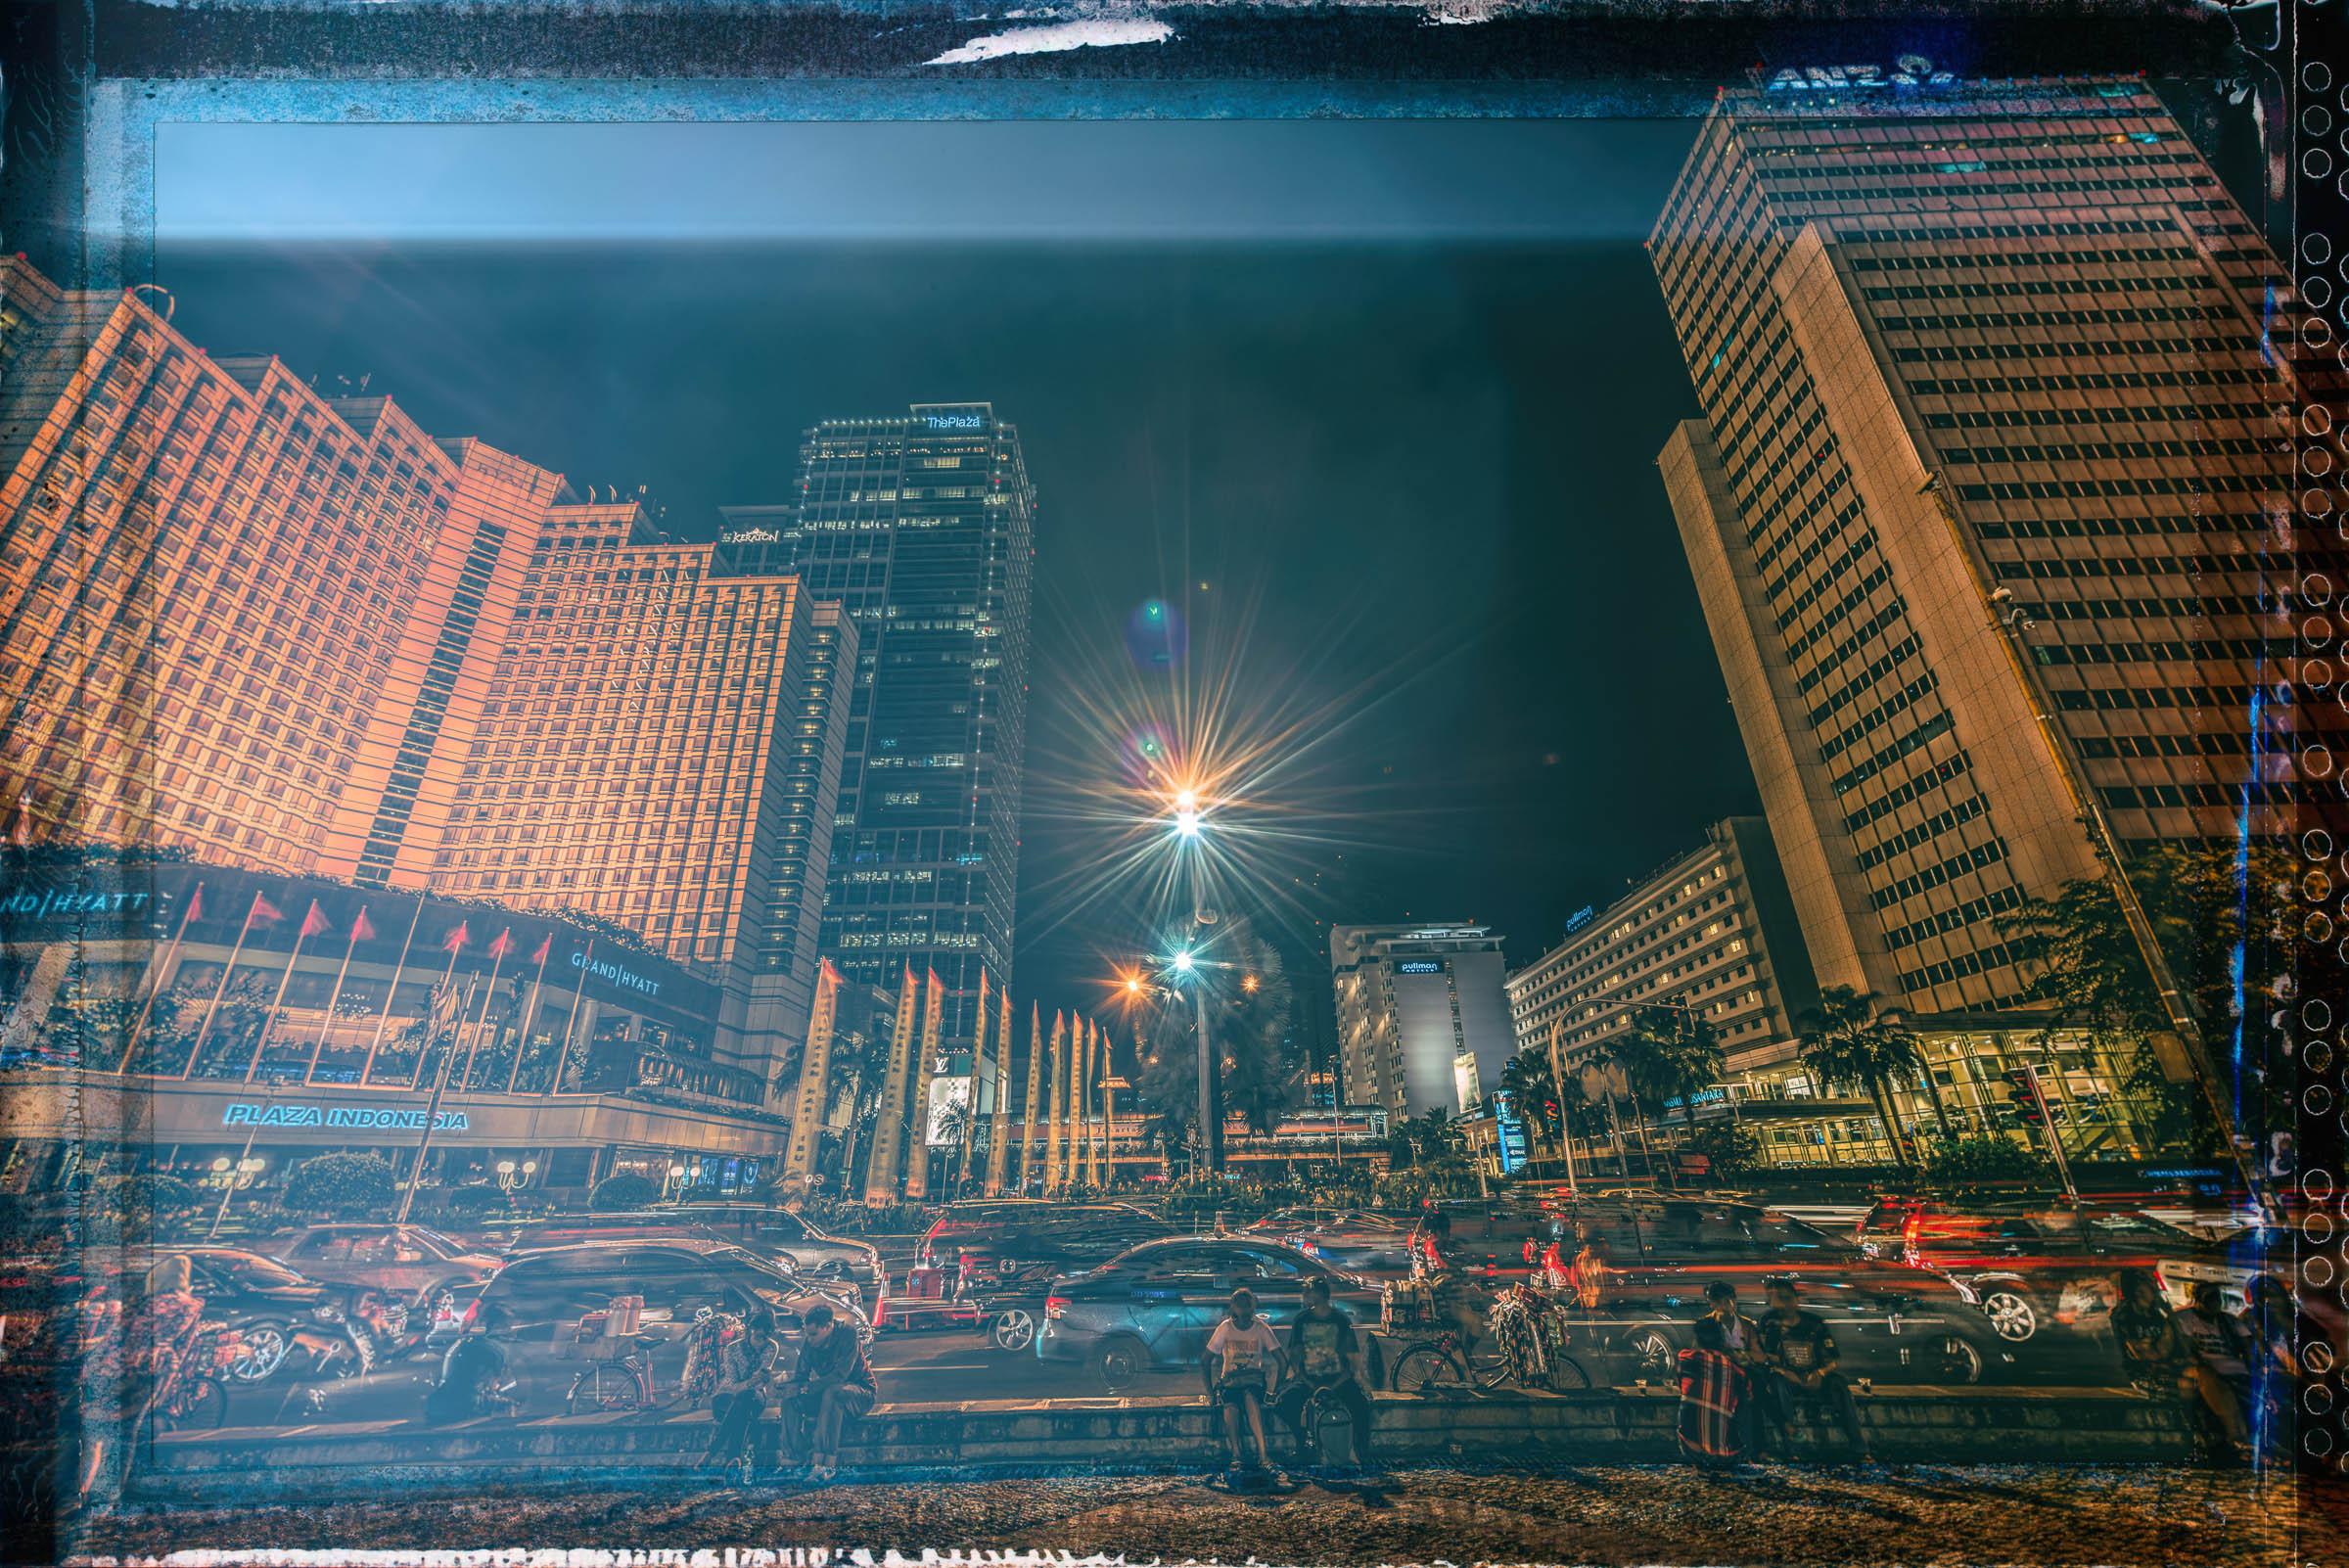 Jakarta HDR Nightscape - Iksa Menajang